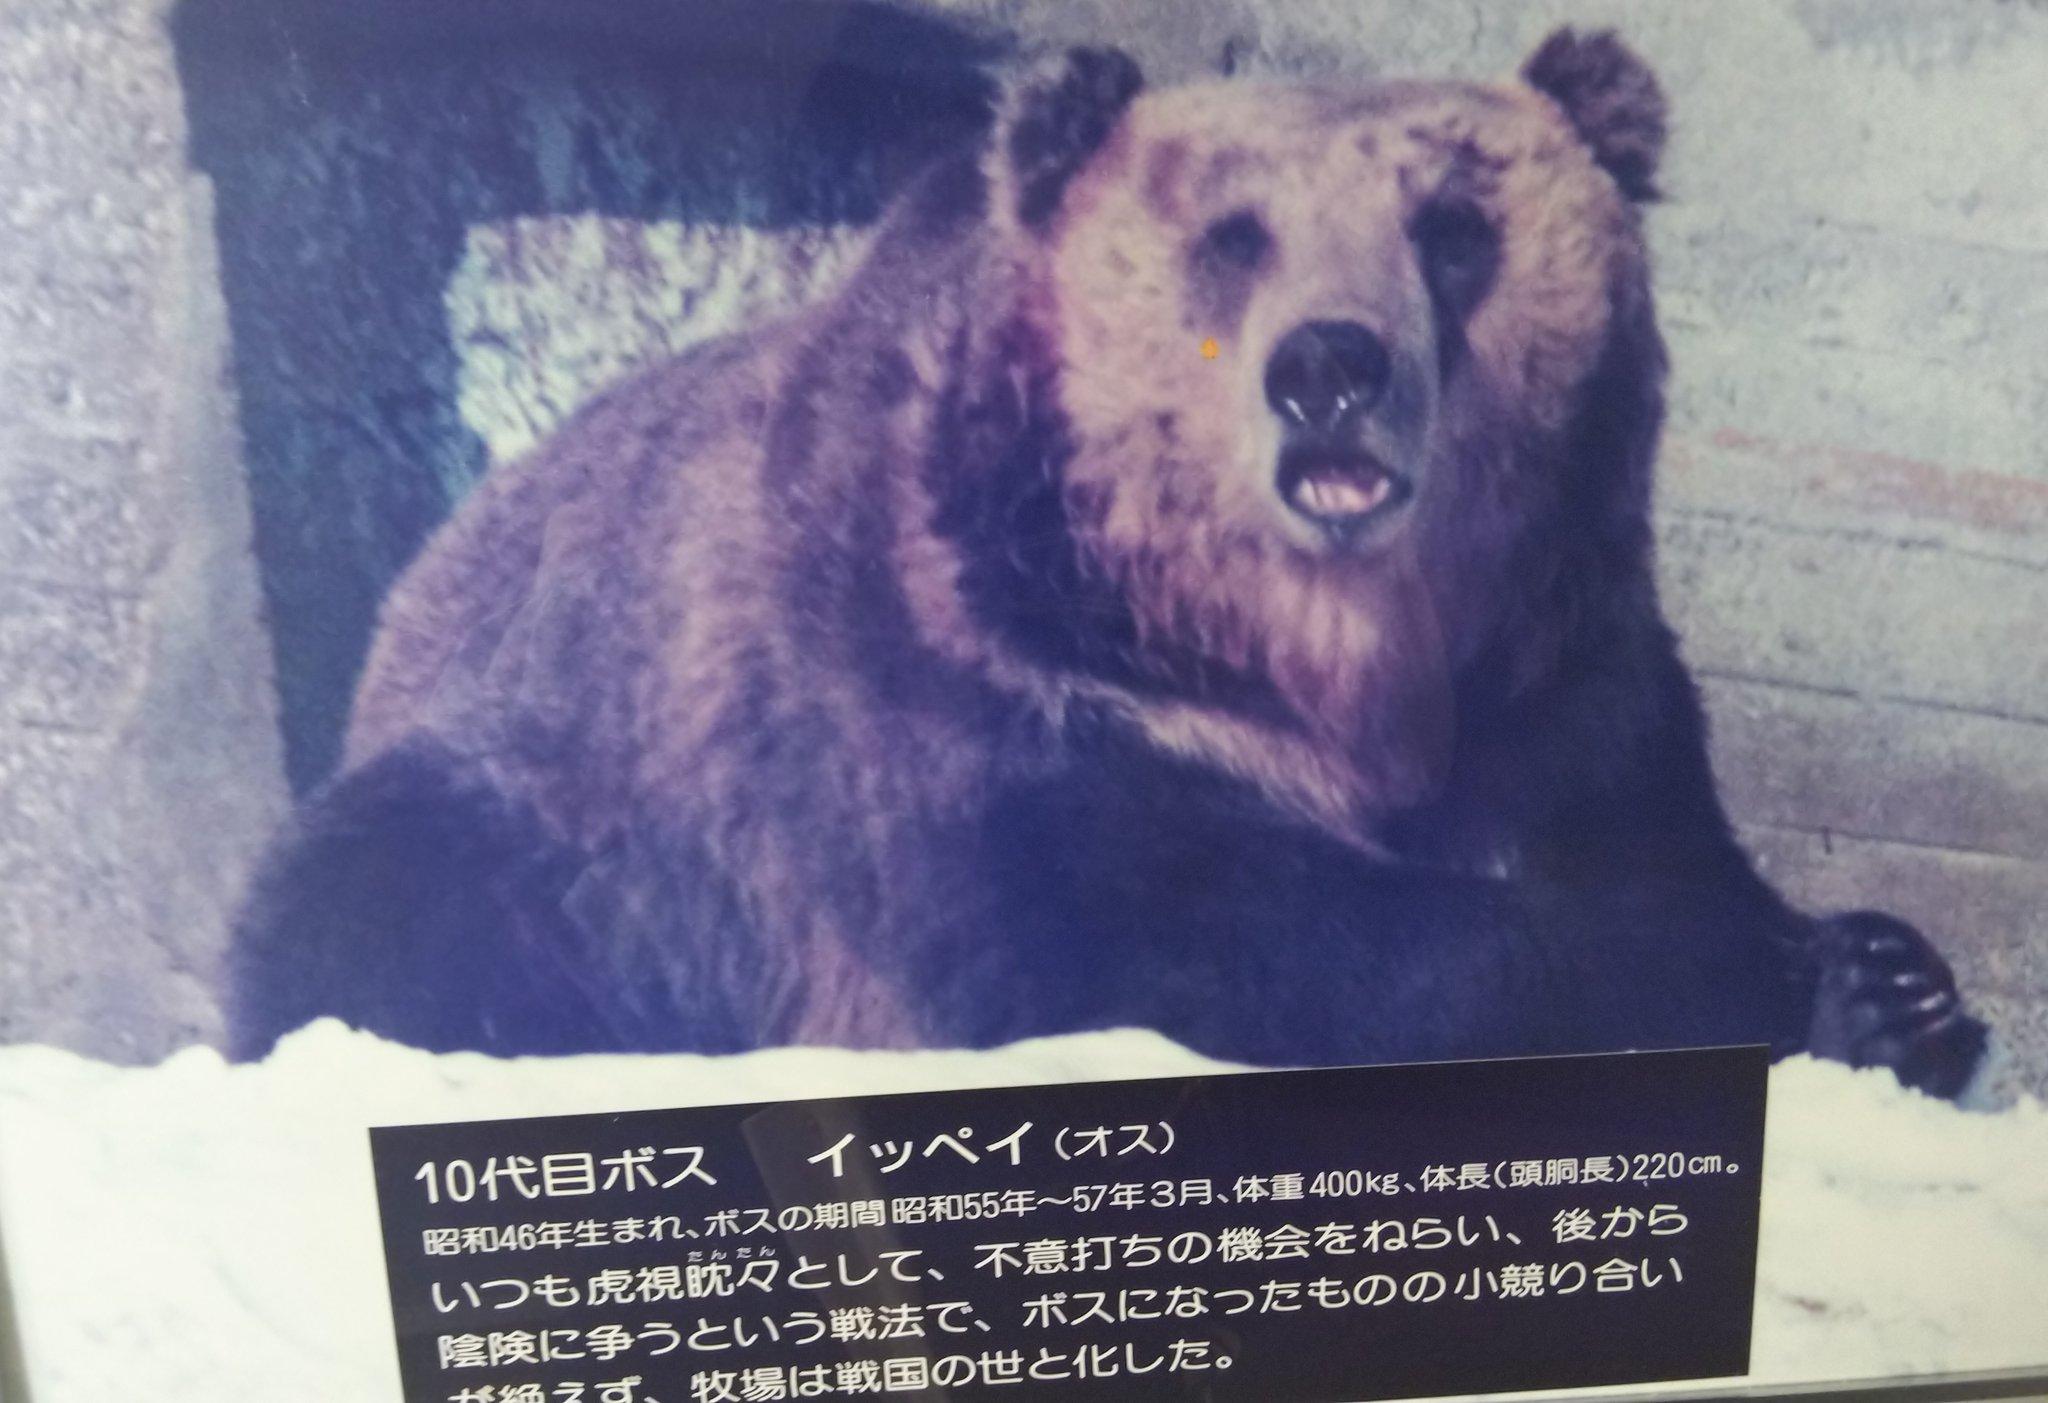 登別の熊牧場行ってきたんですが、歴代ボスの紹介がめちゃくちゃ面白かったので宣伝したい